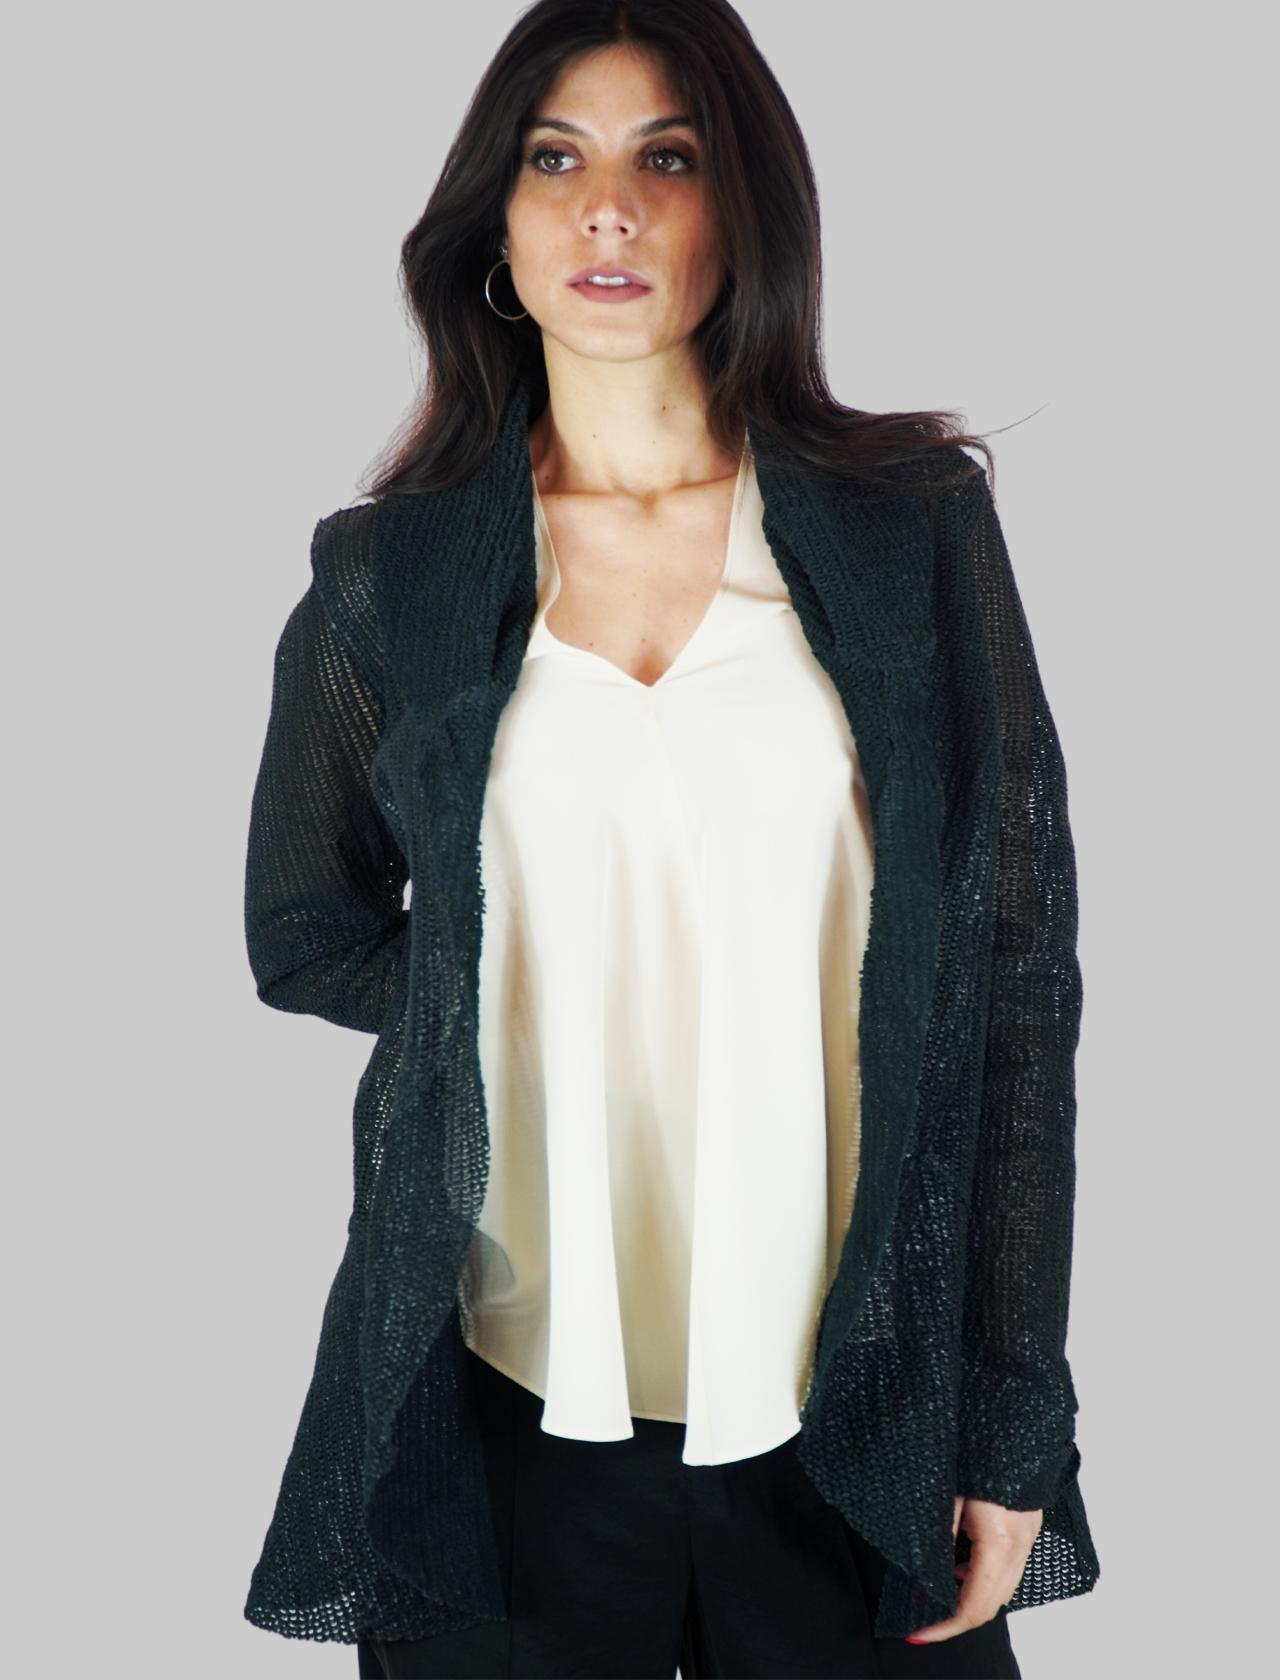 Abbigliamento Donna Giacca in Pelle Blu Forata Senza Bottoni e Manica Lunga Spatarella | Giacche e giubbini | 2156002